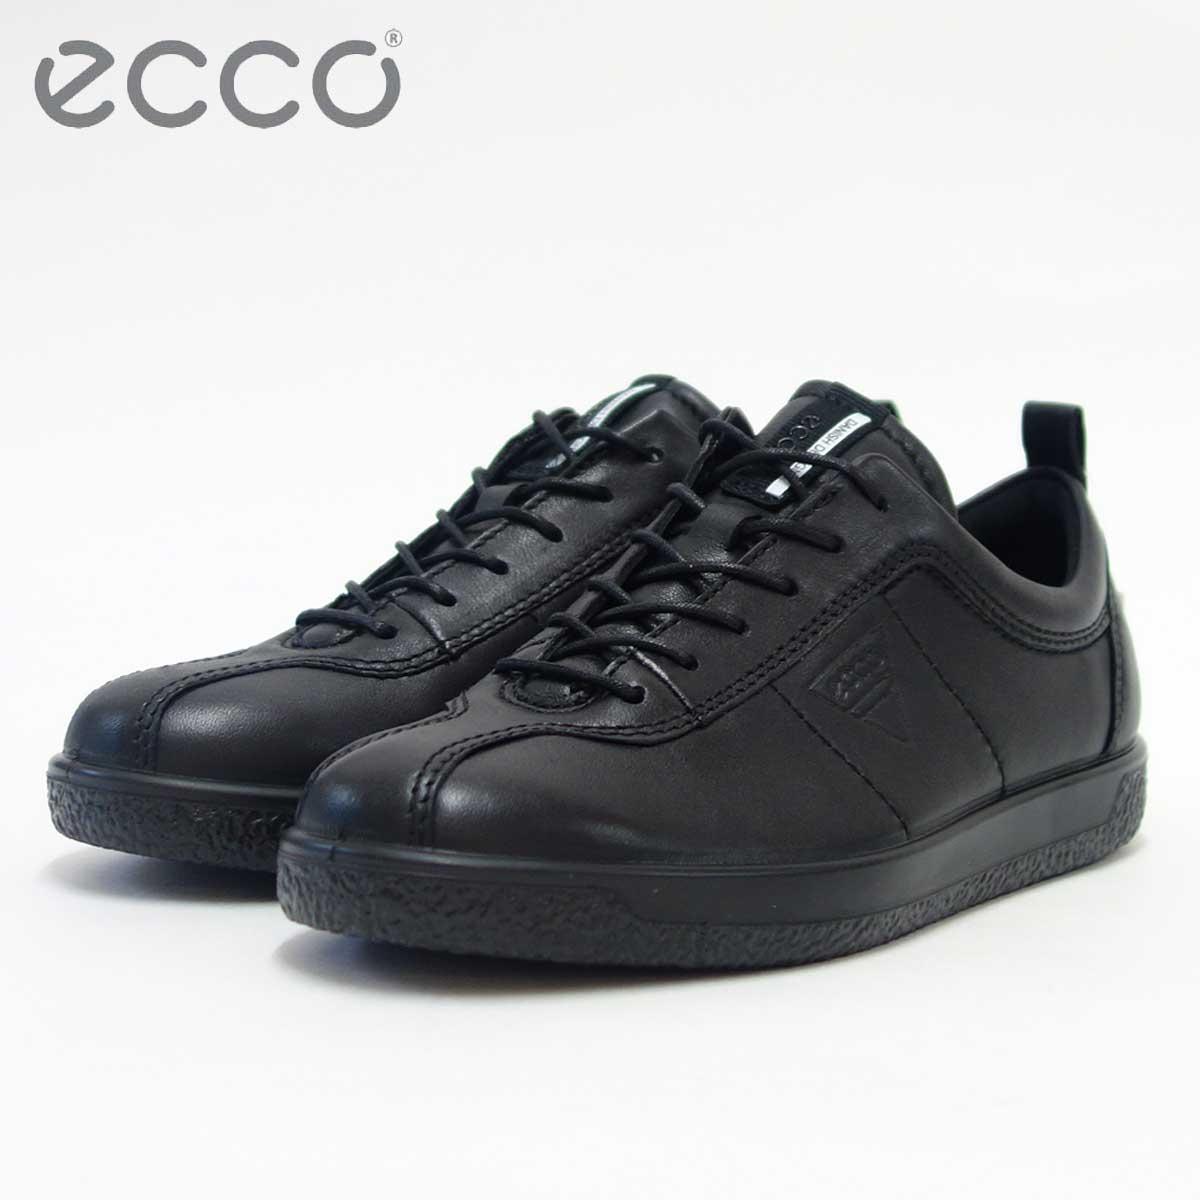 エコー ECCO 400503 ブラック(レディース) 快適な履き心地のレースアップシューズ 「靴」